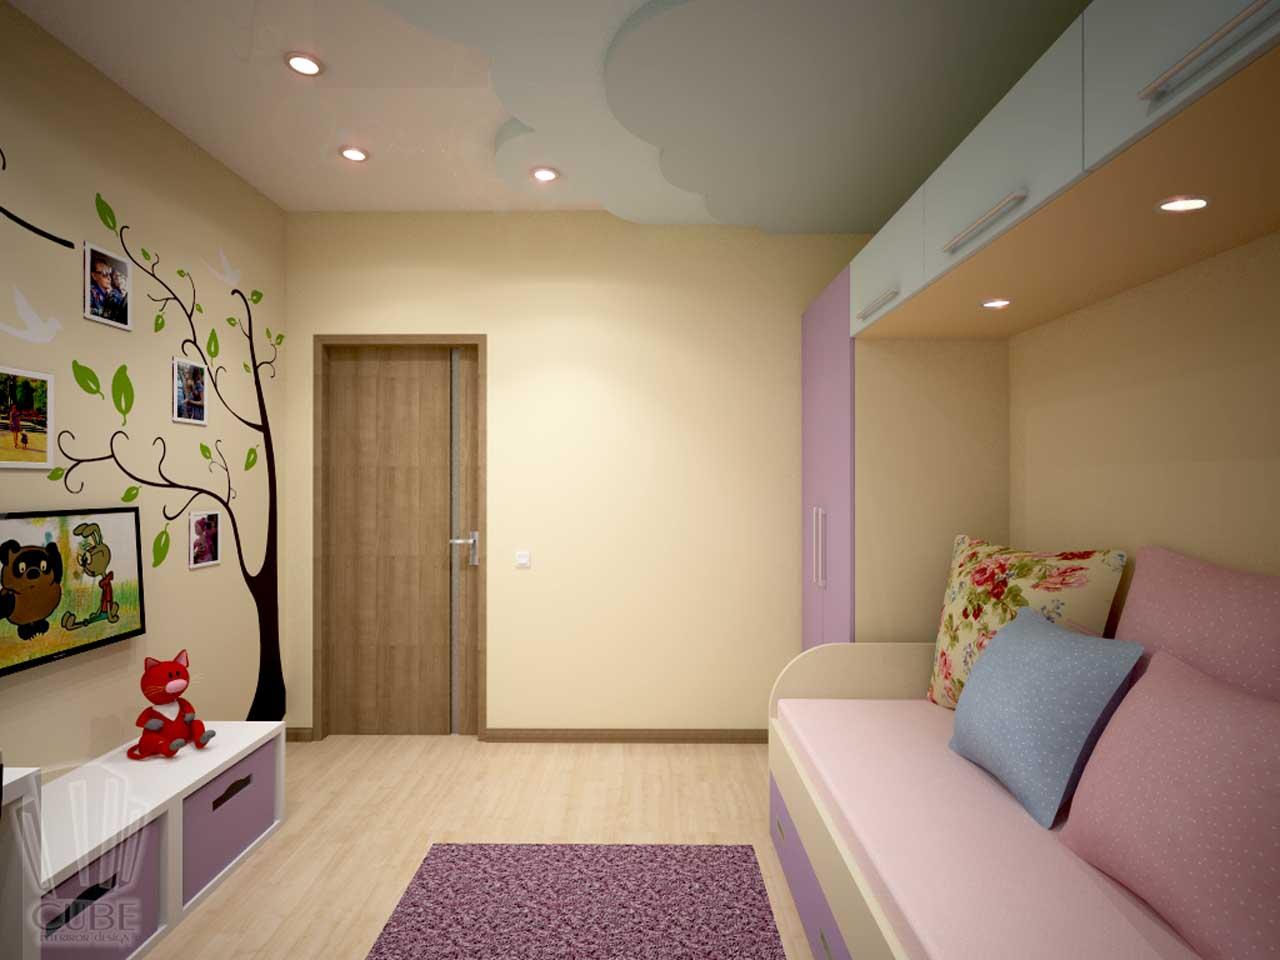 Дизайн-проект интерьера. Тюмень ул. Широтная д.158. Квартира для молодой семьи (4)